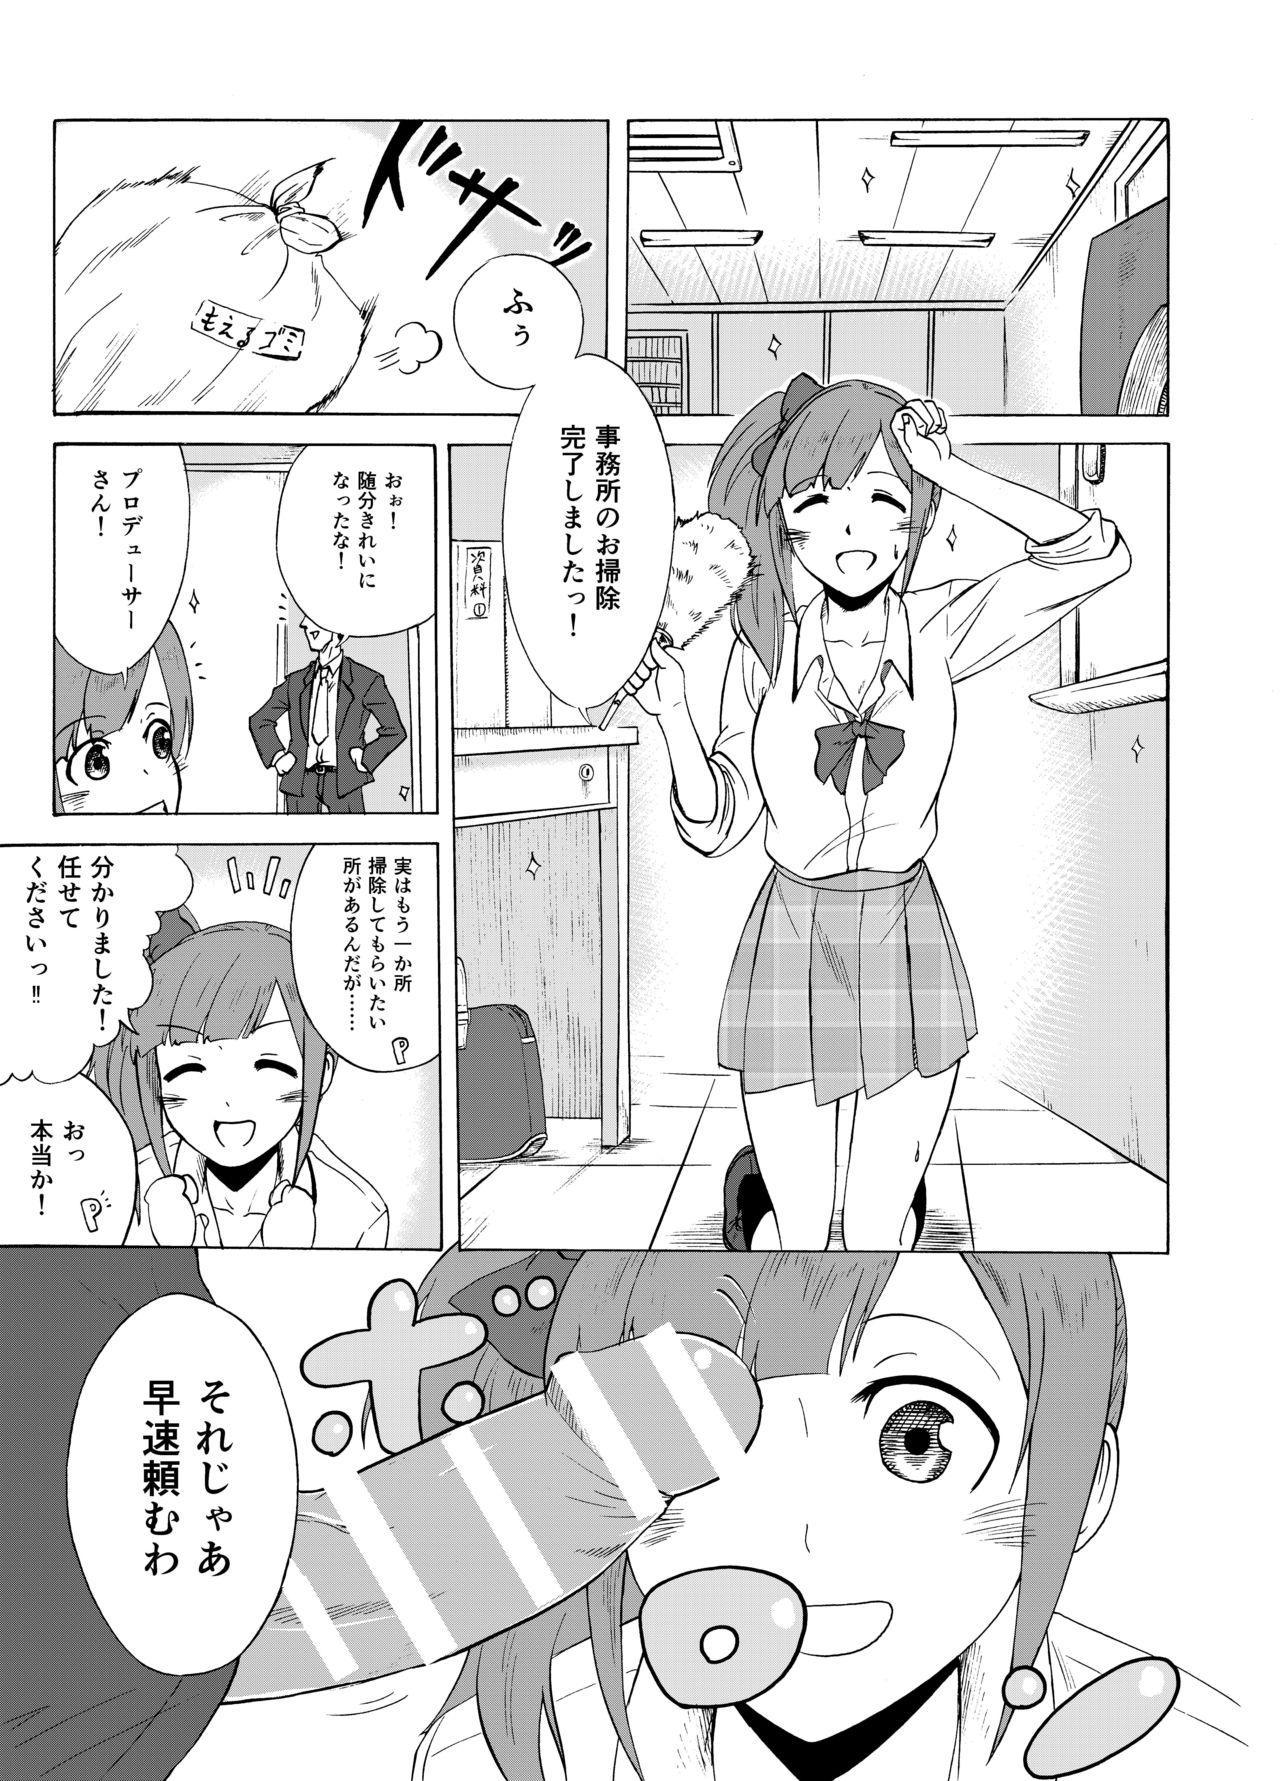 Kyoko no o Souji 0